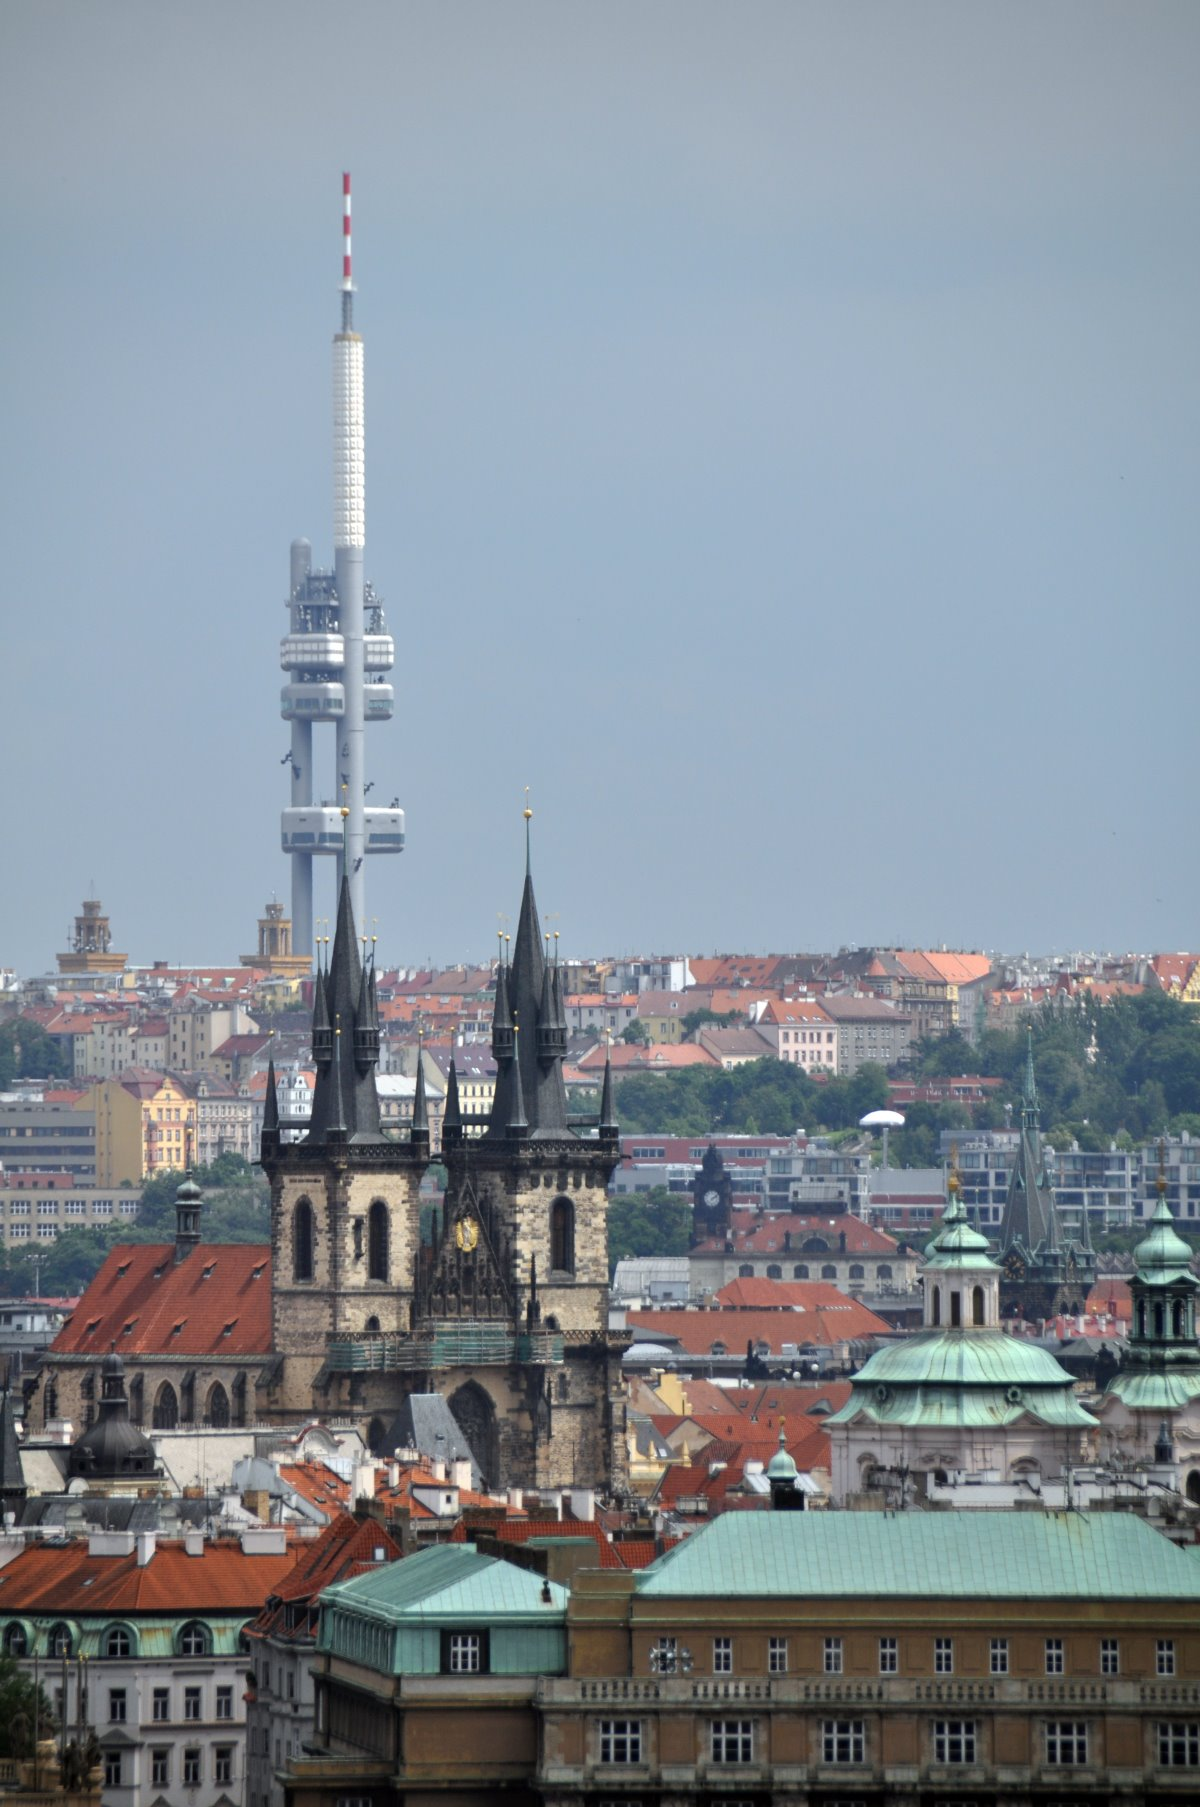 Ο πύργος τηλεόρασης με το One Room Hotel και θέα στην Πράγα